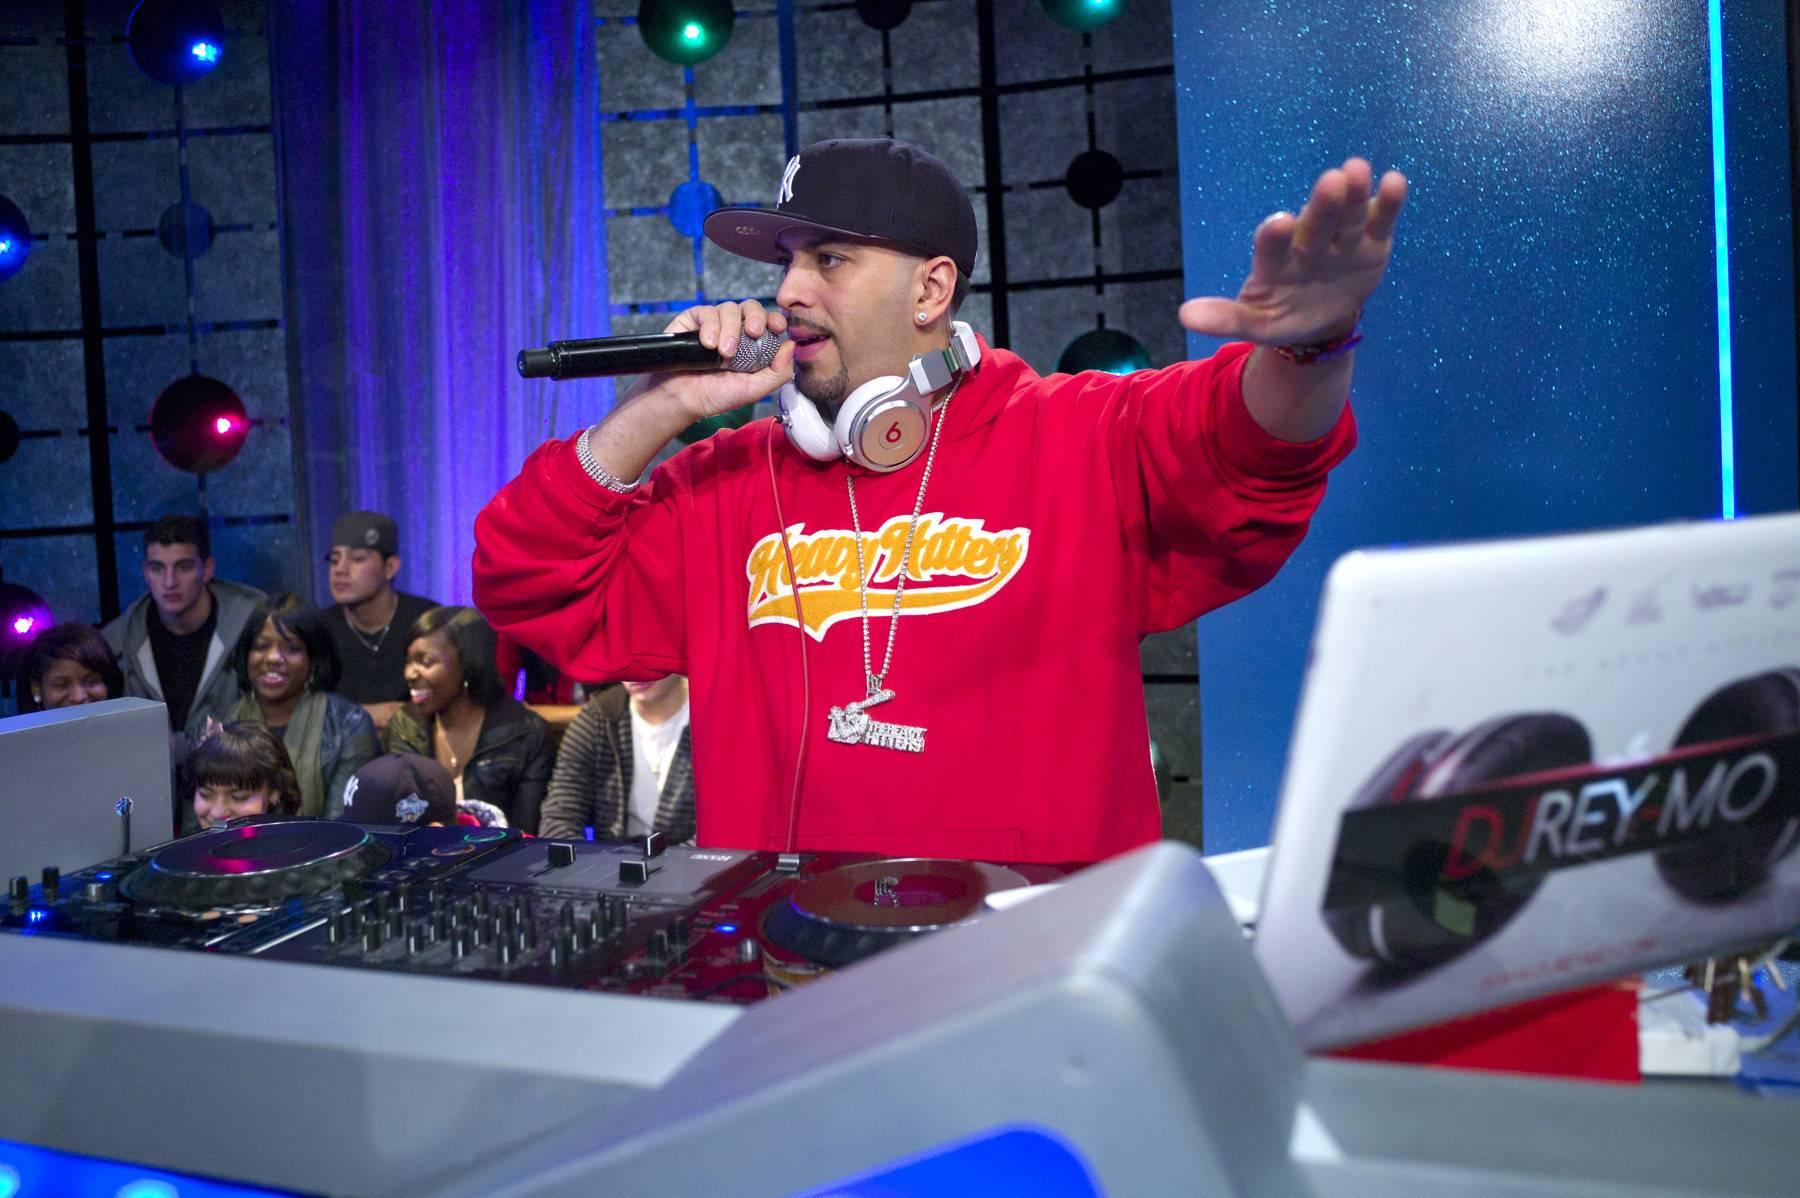 Follow Me - DJ Reymo fires up the crowd at 106 & Park, January 20, 2012. (Photo: John Ricard / BET)